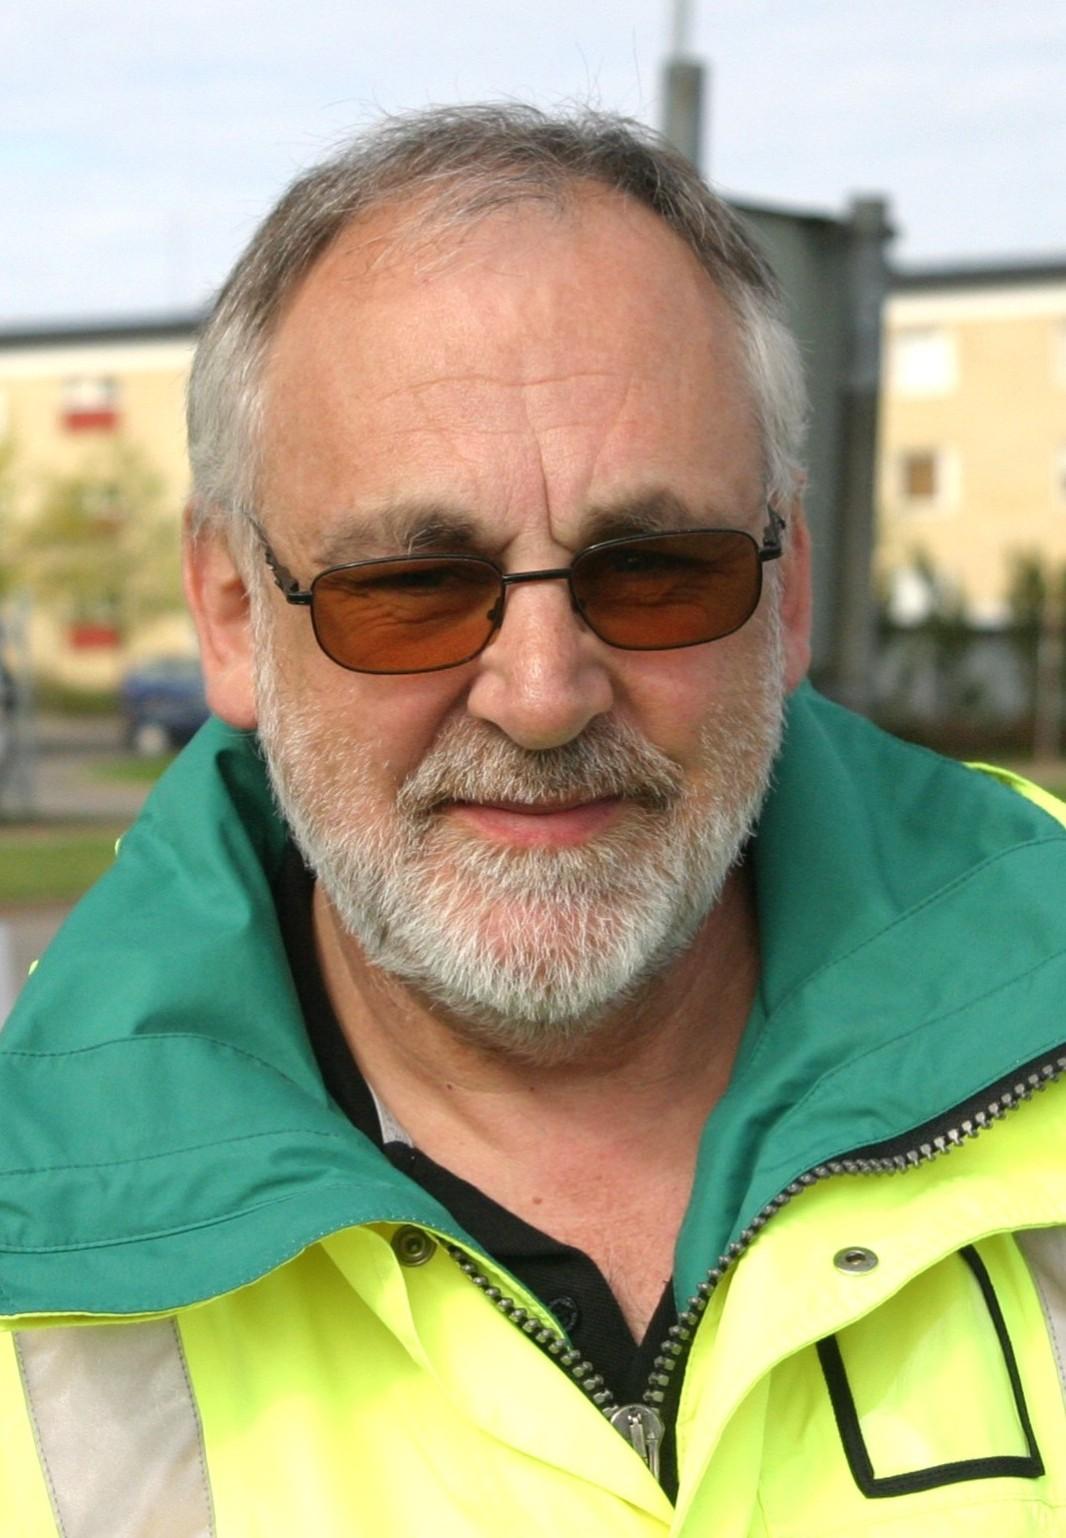 Björn Fahlén våra medarbetare